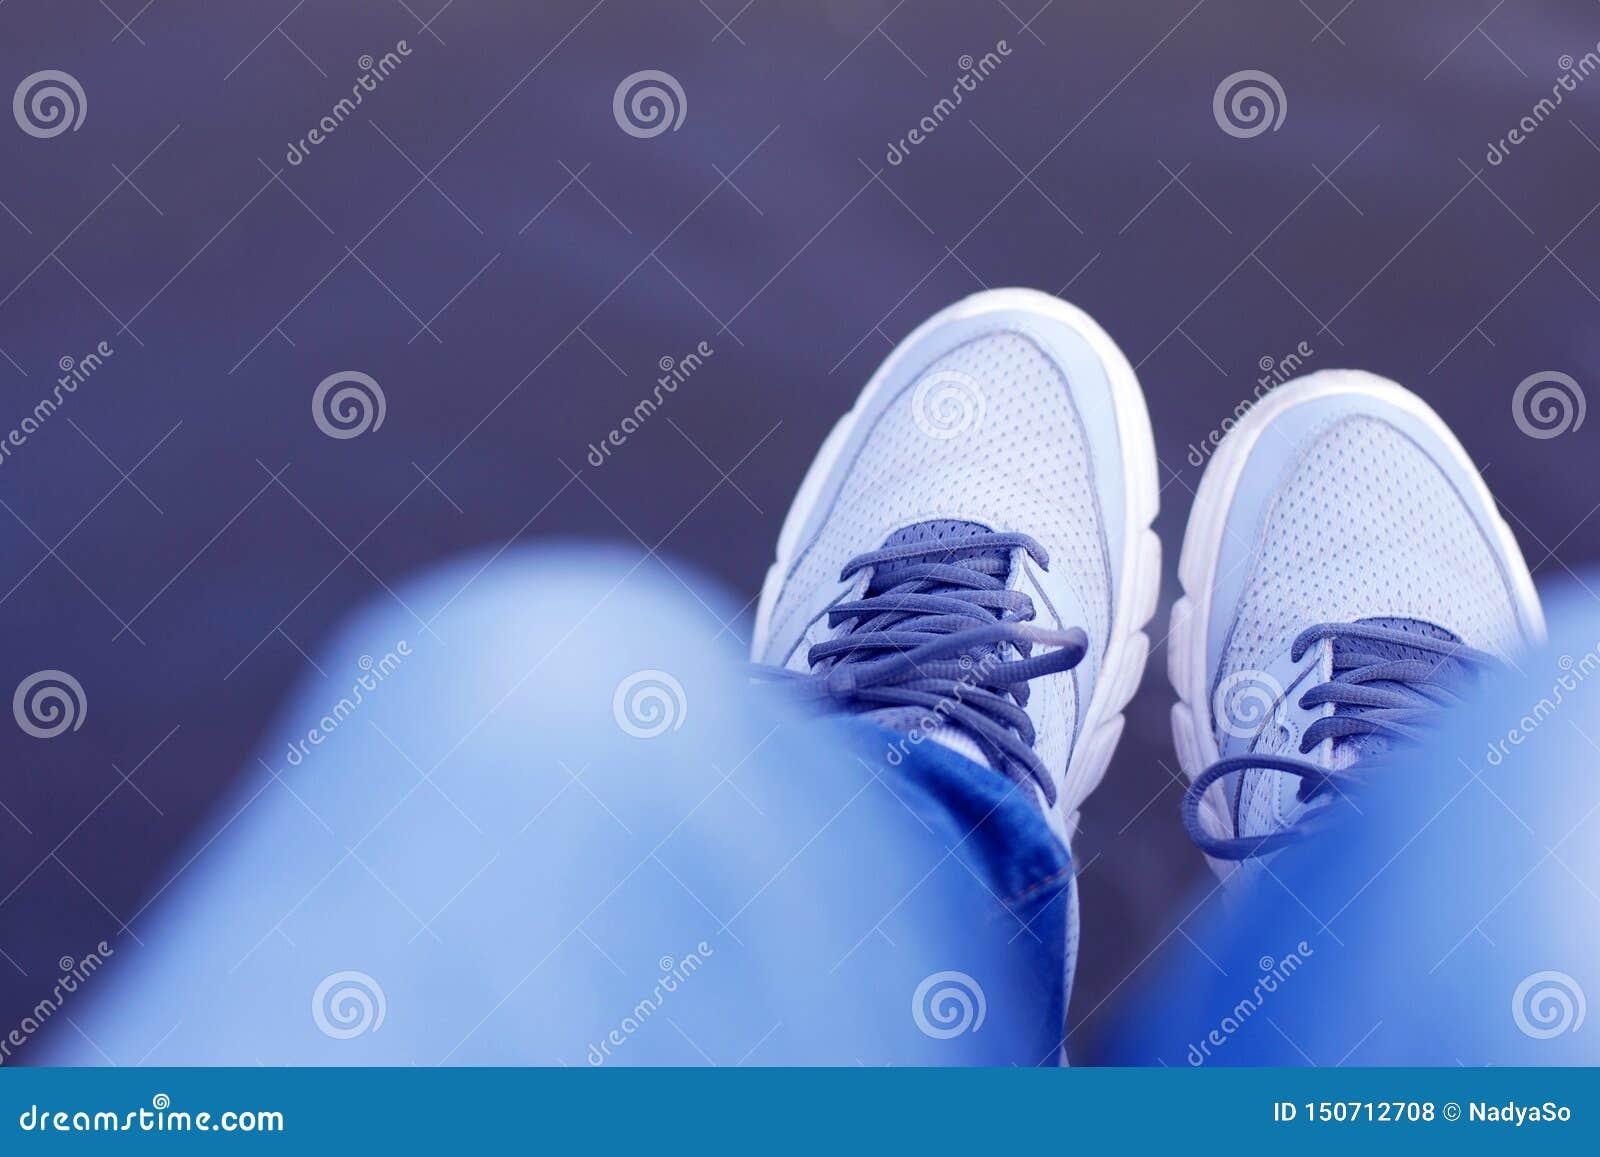 Foto: NadyaSo ciondola i piedi sopra l acqua, jeans, scarpe da tennis grige, prima persona